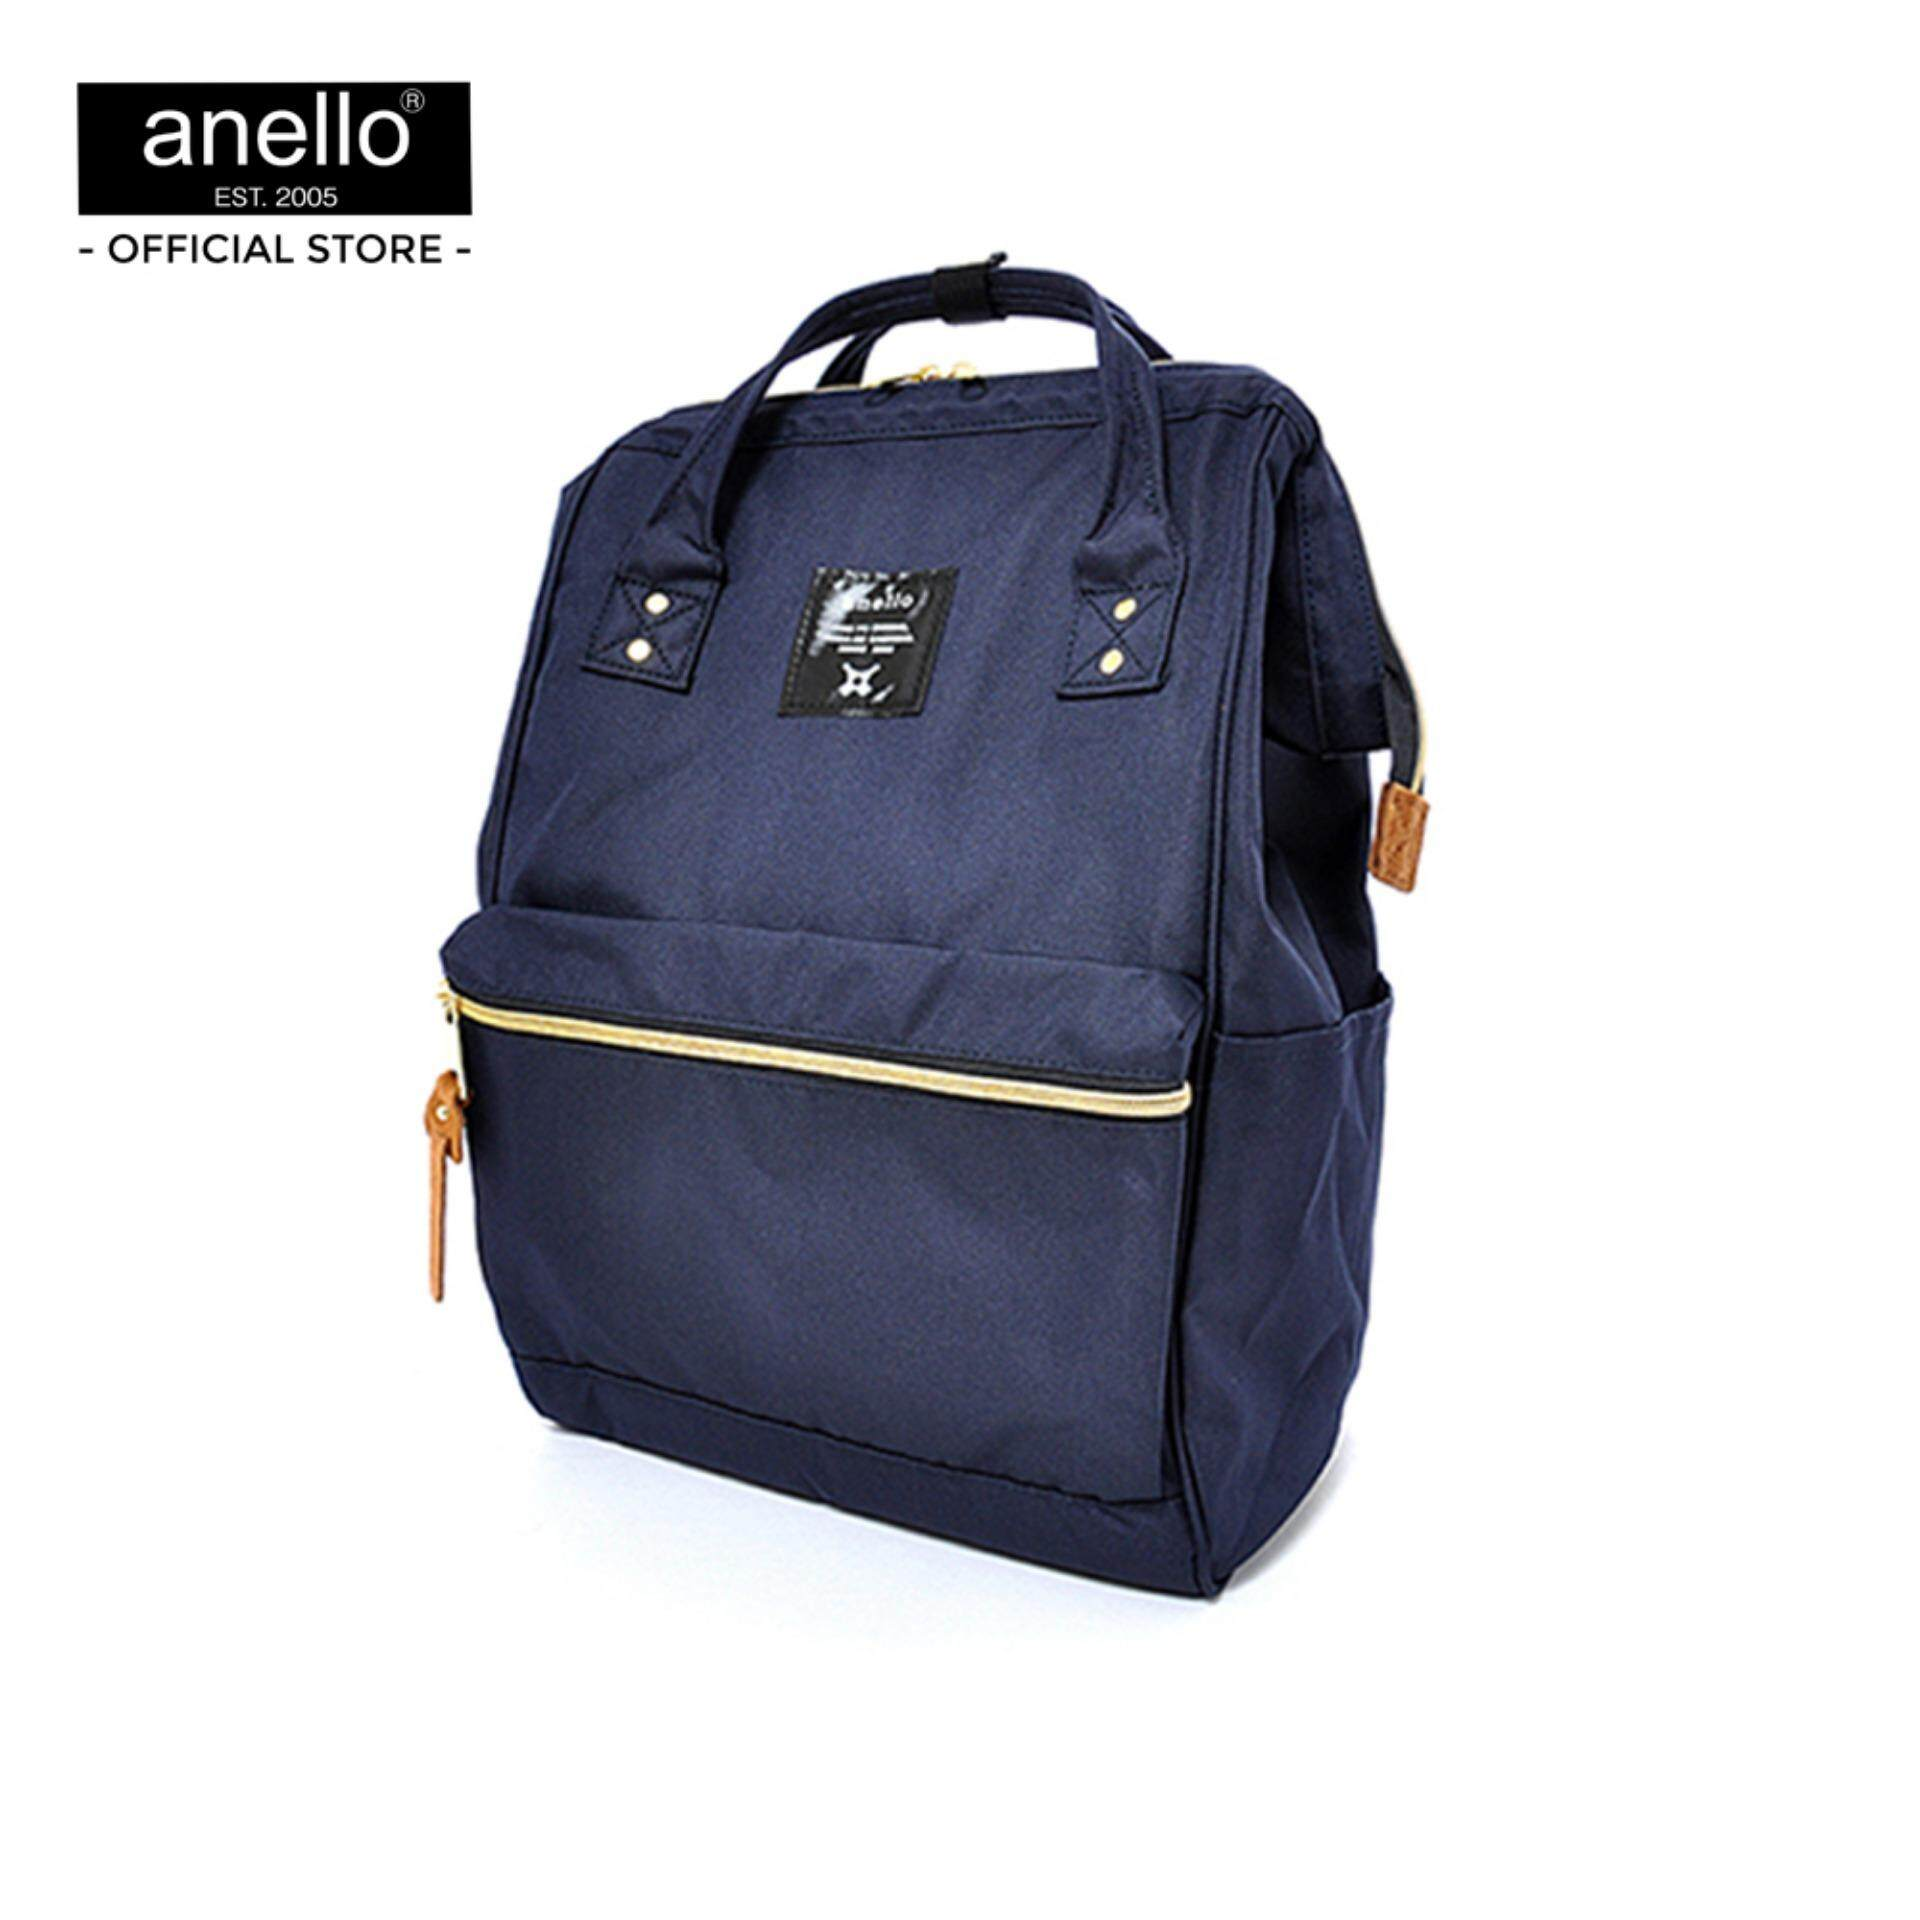 การใช้งาน  มหาสารคาม anello กระเป๋า Regular Backpack_AT-B0193A